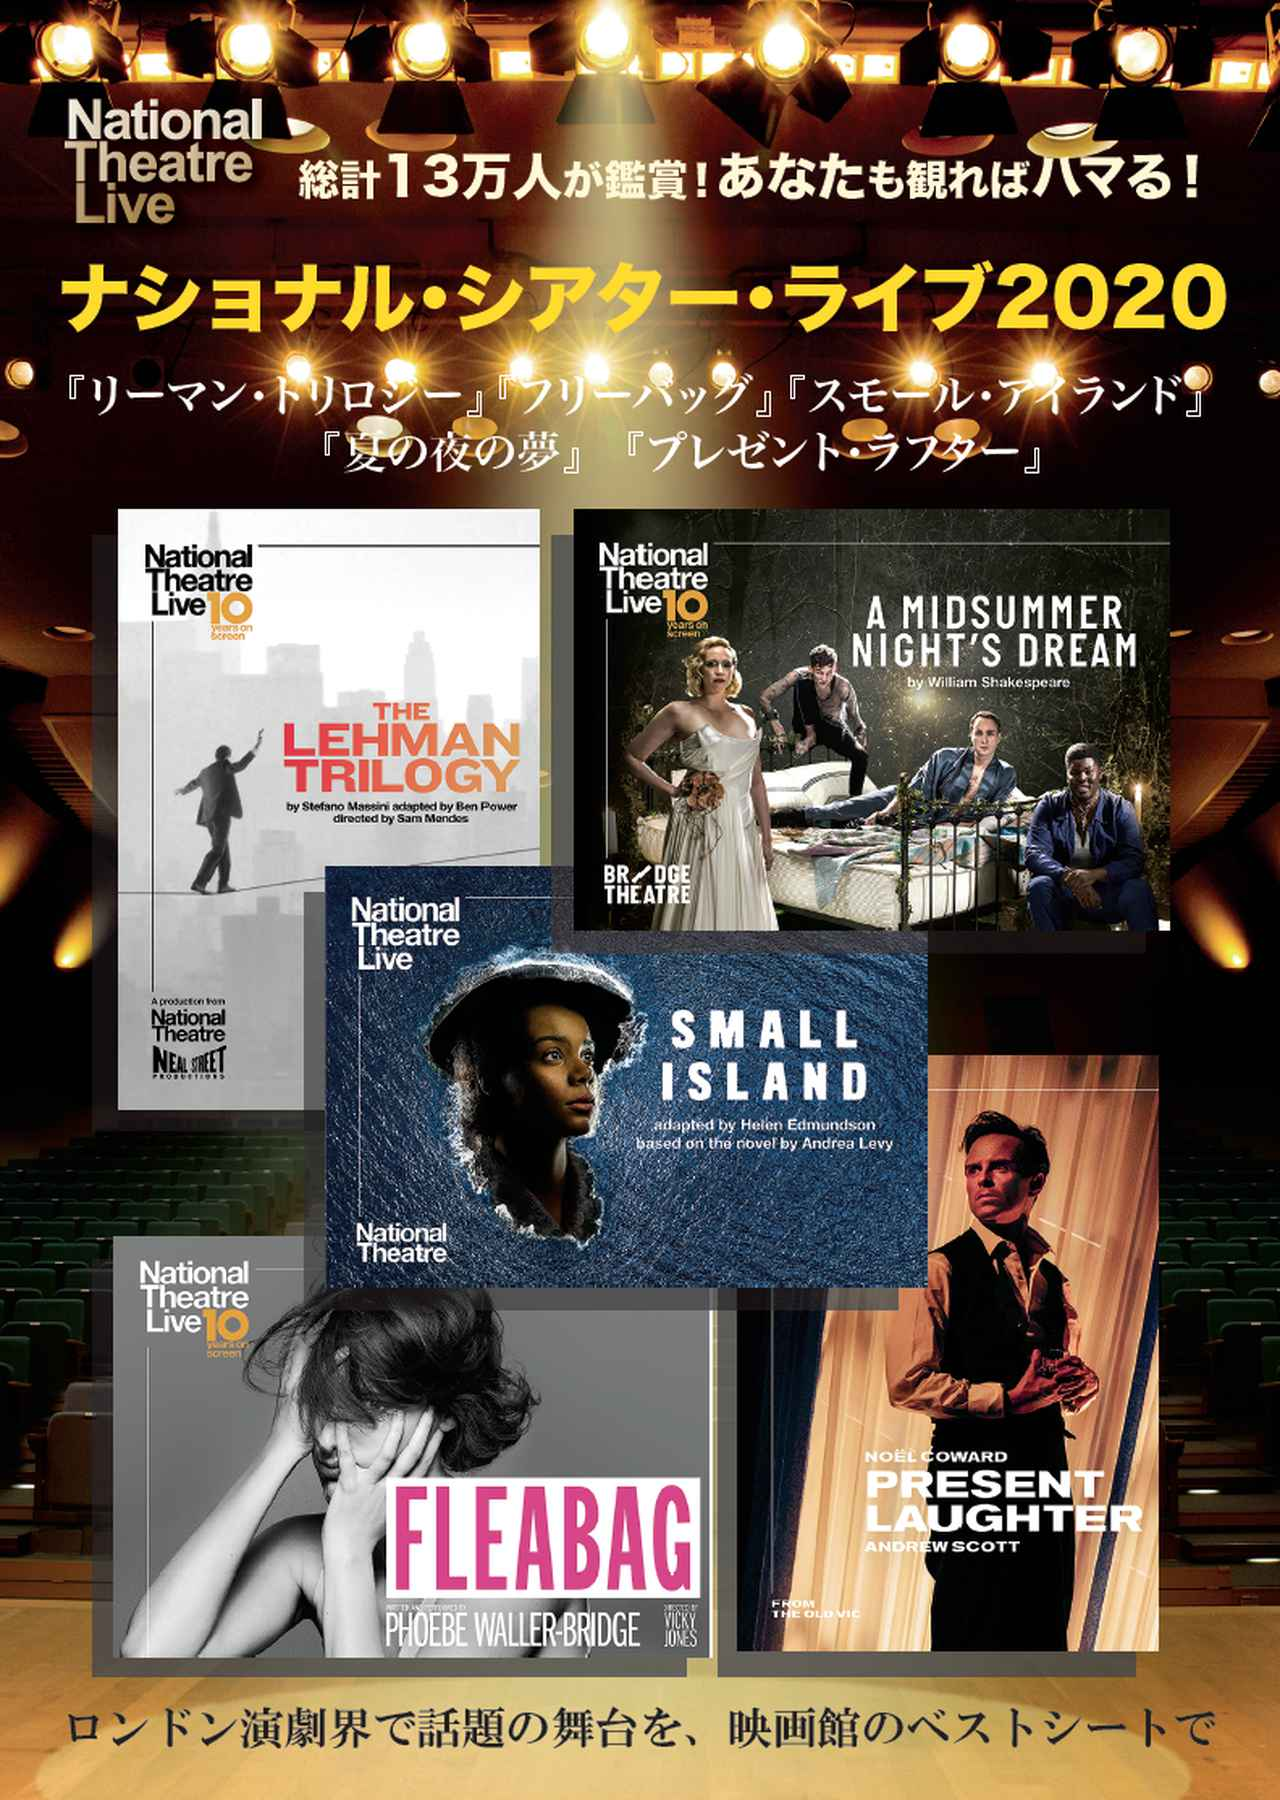 画像6: ナショナル・シアター・ライブ 2020 前半ラインナップ 決定!